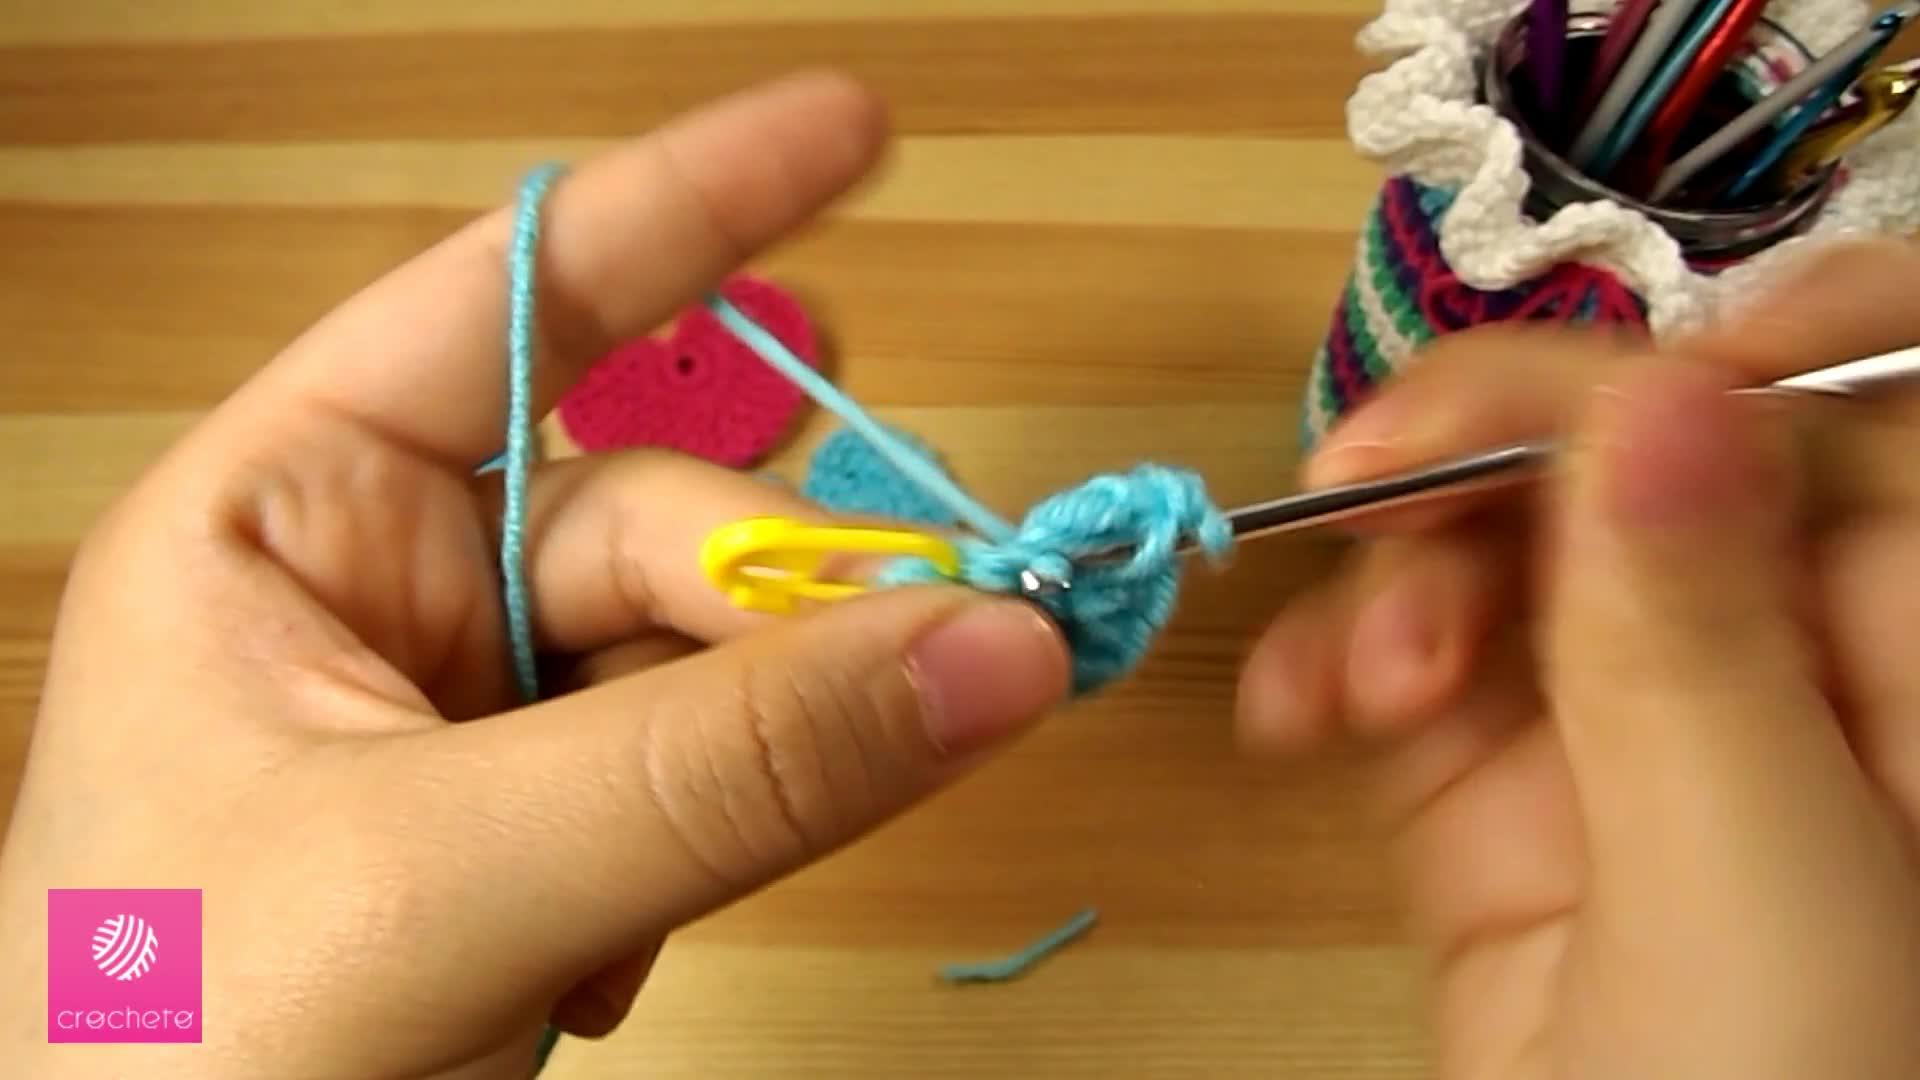 تعليم الكروشيه القلب البسيط Learn how to Crochet Simple Heart - Crochet heart pattern 4